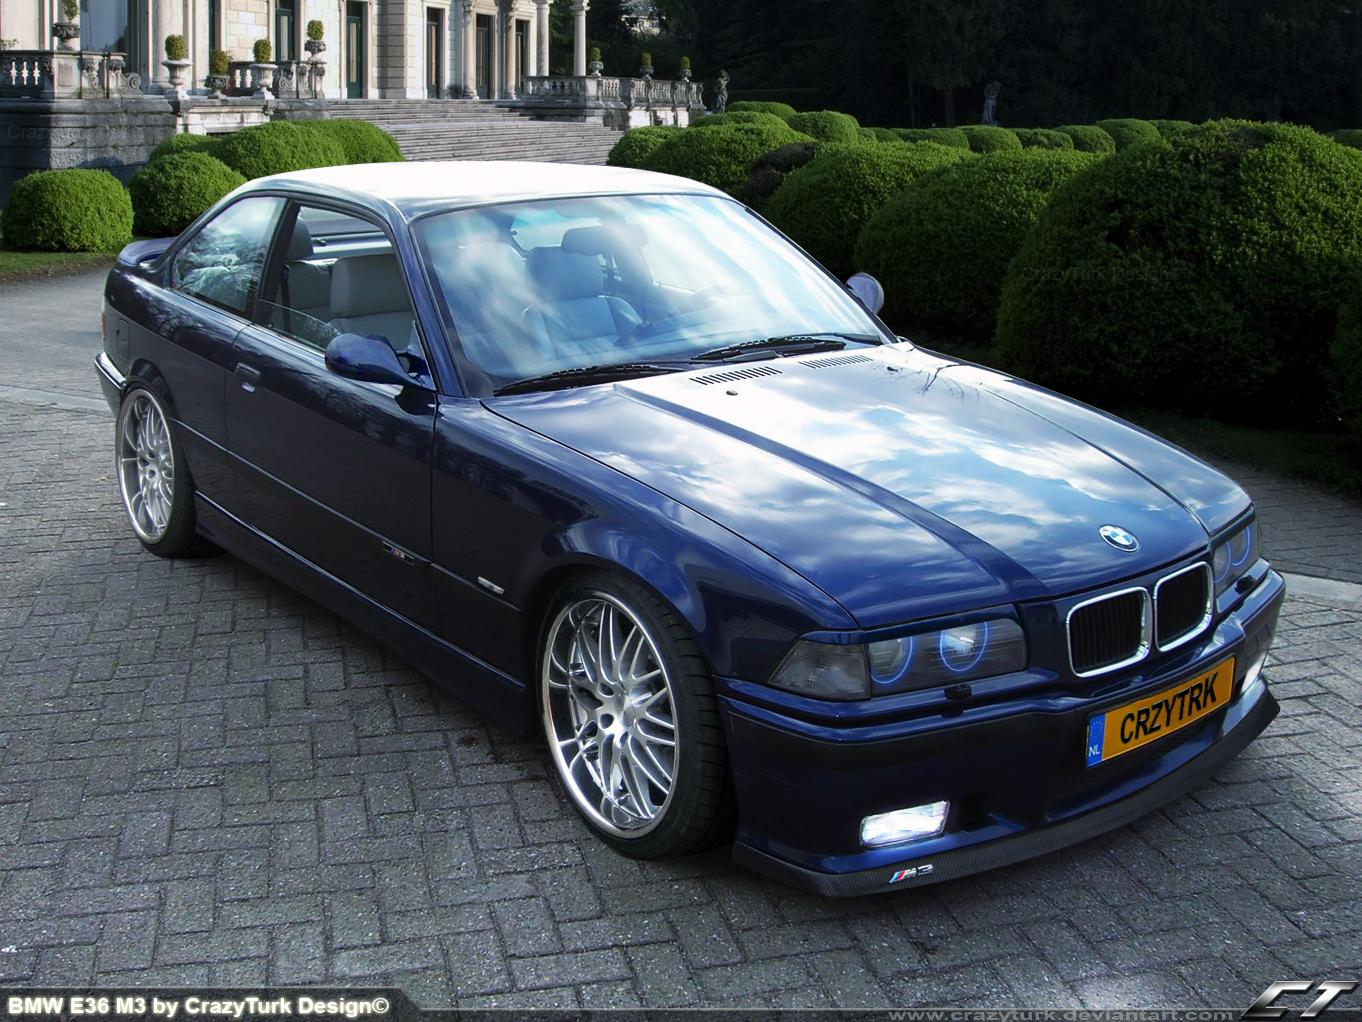 BMW E36 M3 by CrazyTurk on DeviantArt